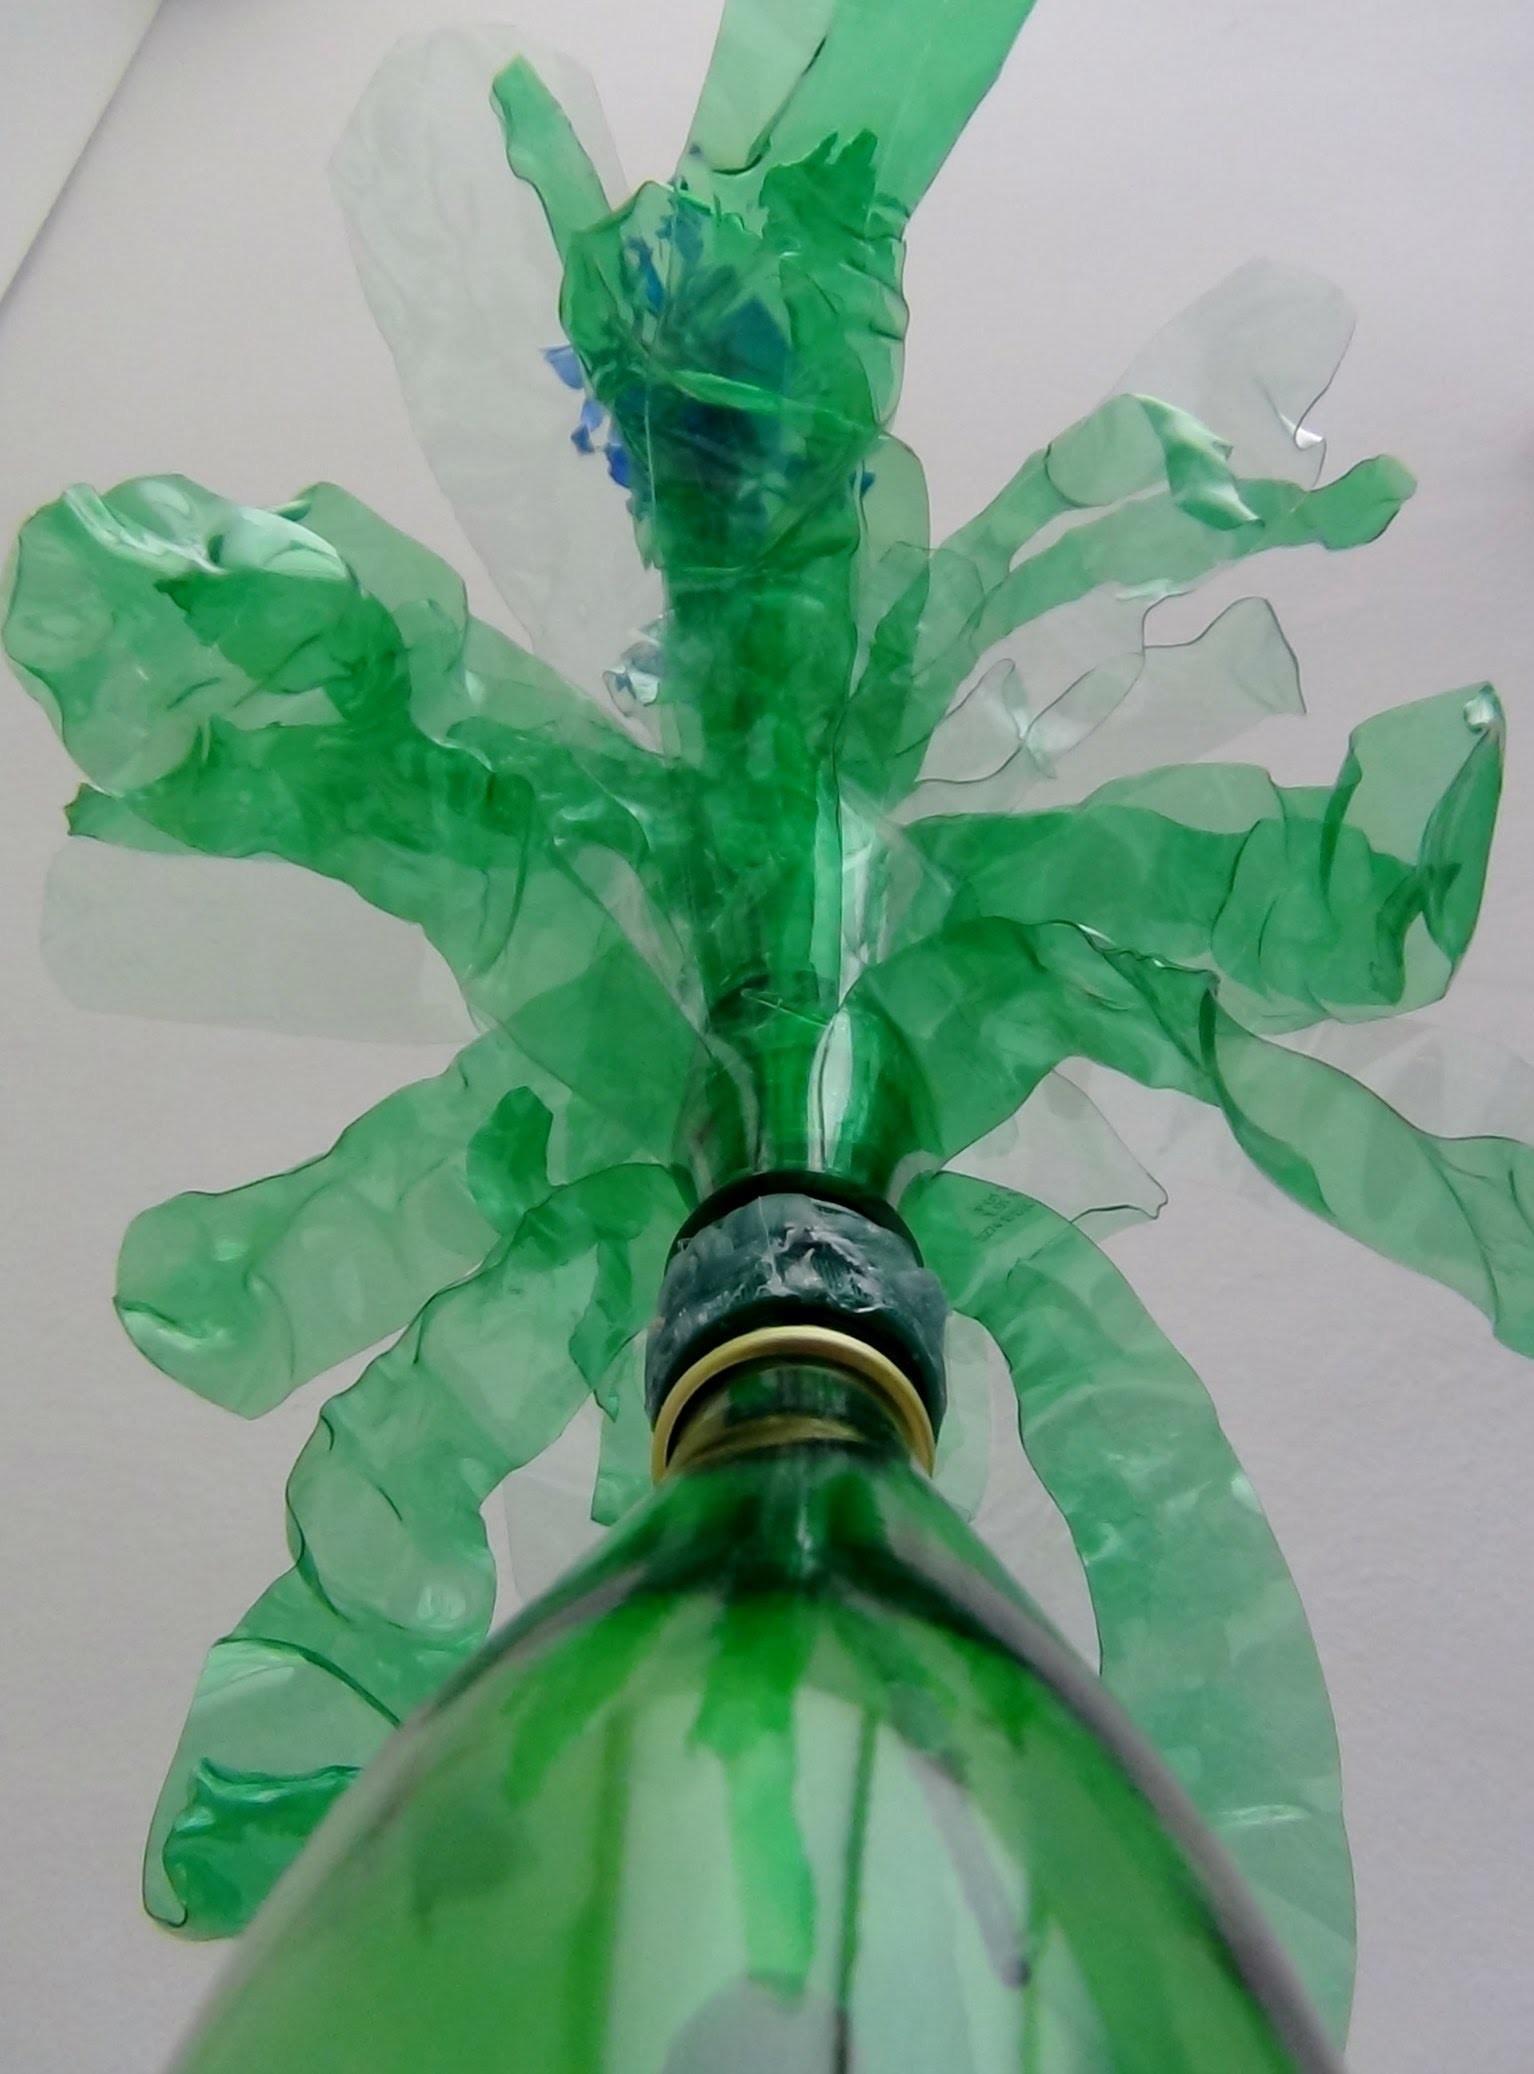 Como realizar hojas decorativas de plastico para adornar un florero